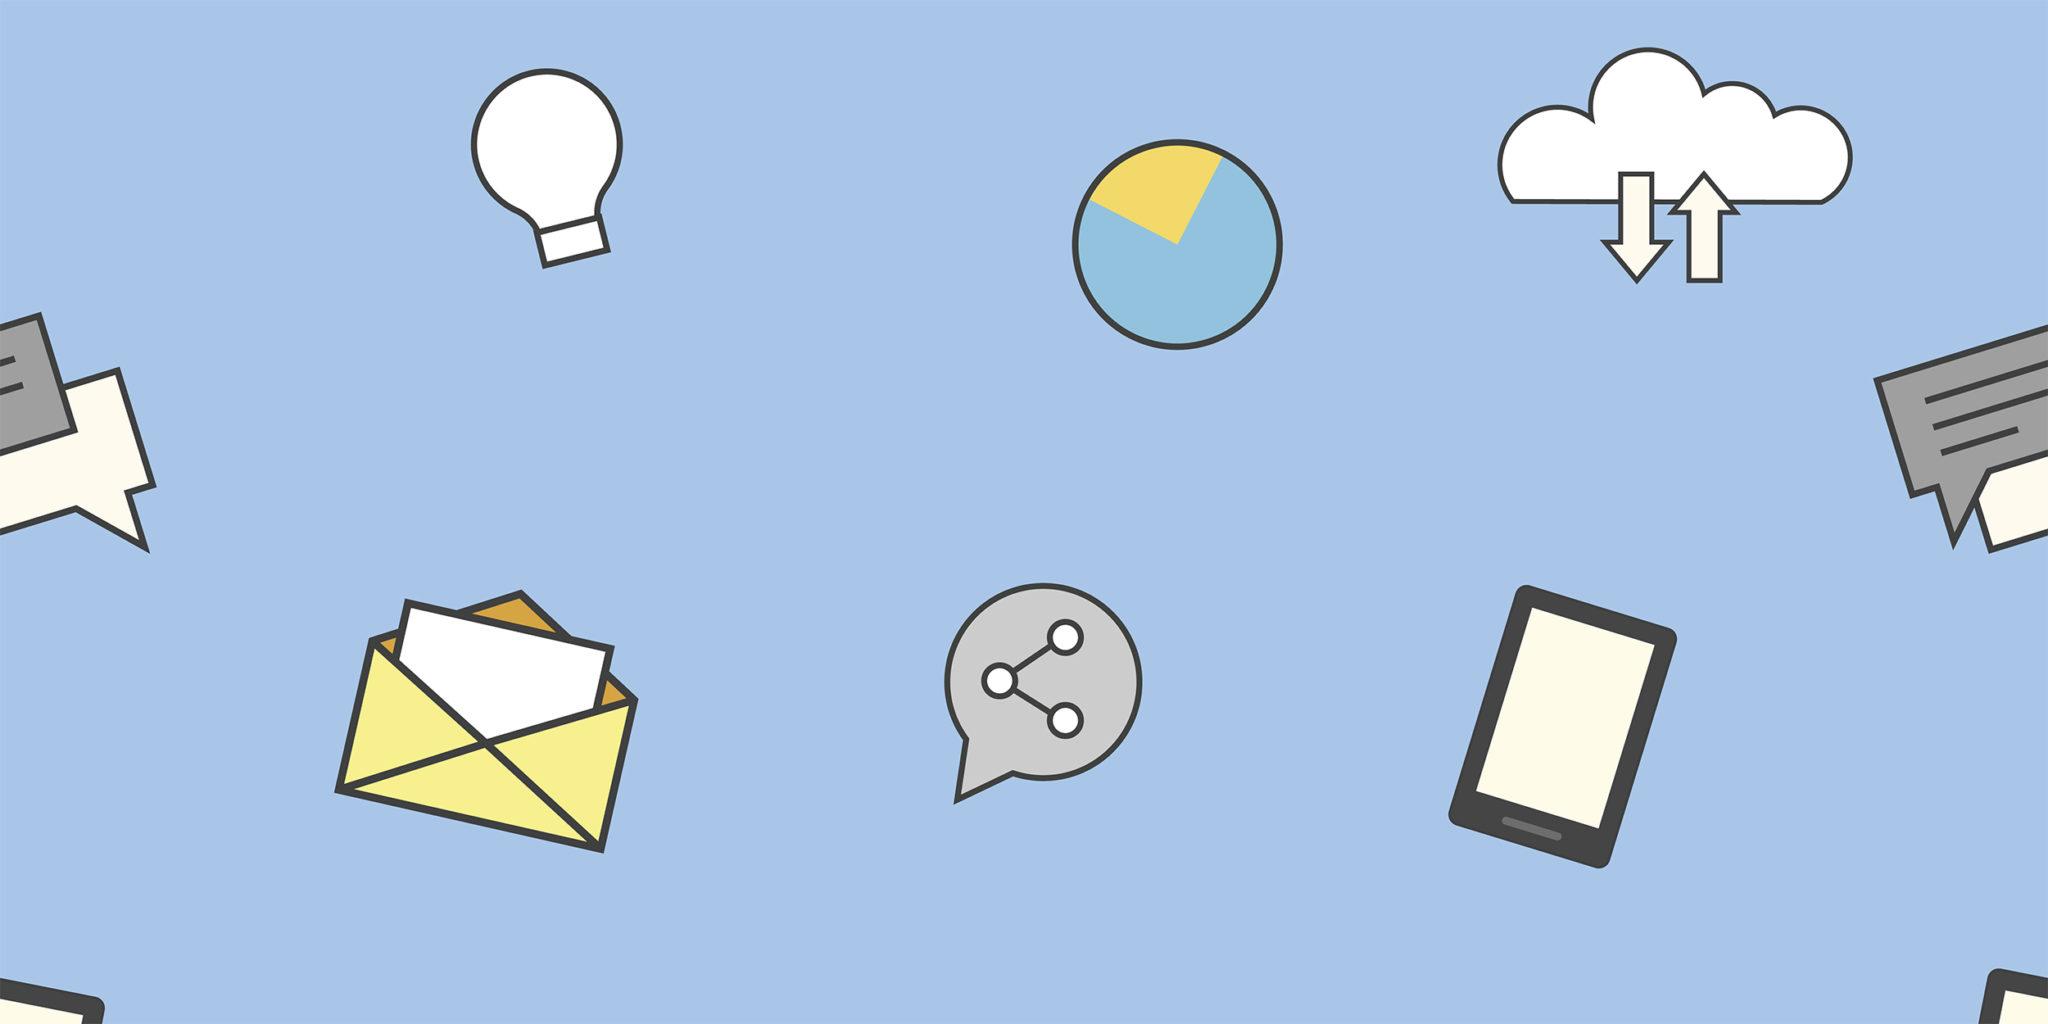 Kiếm tiền online: Cách tìm kiếm và tiếp cận khách hàng online trên Facebook